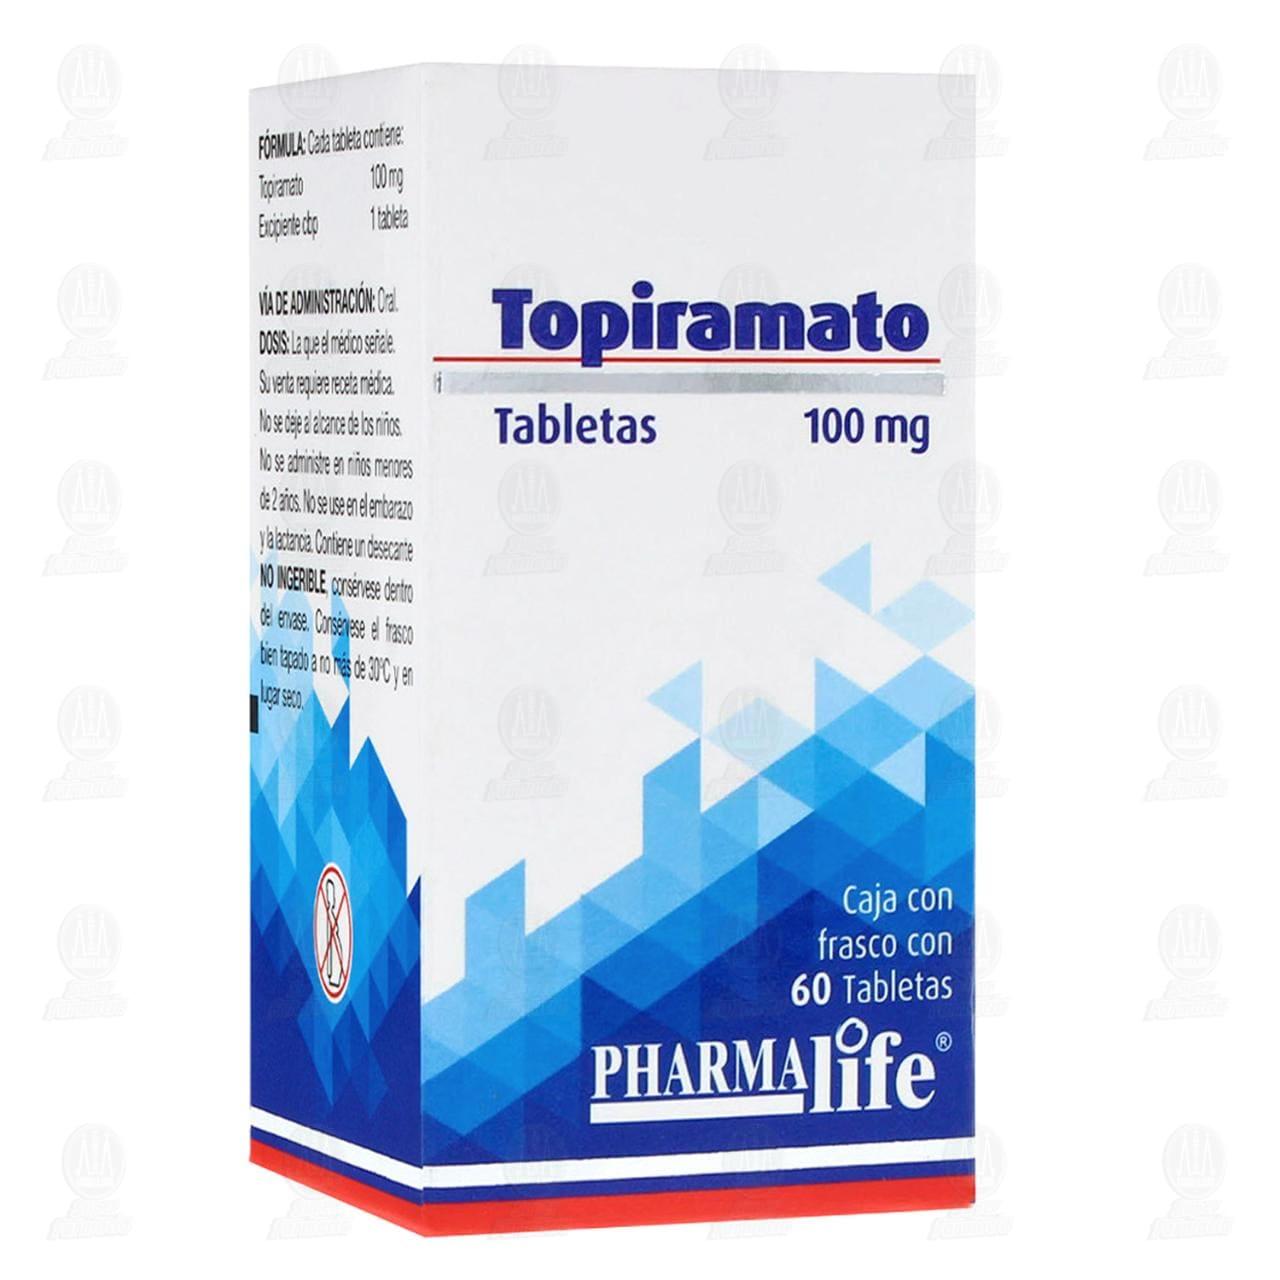 Comprar Topiramato 100mg 60 Tabletas Pharmalife en Farmacias Guadalajara